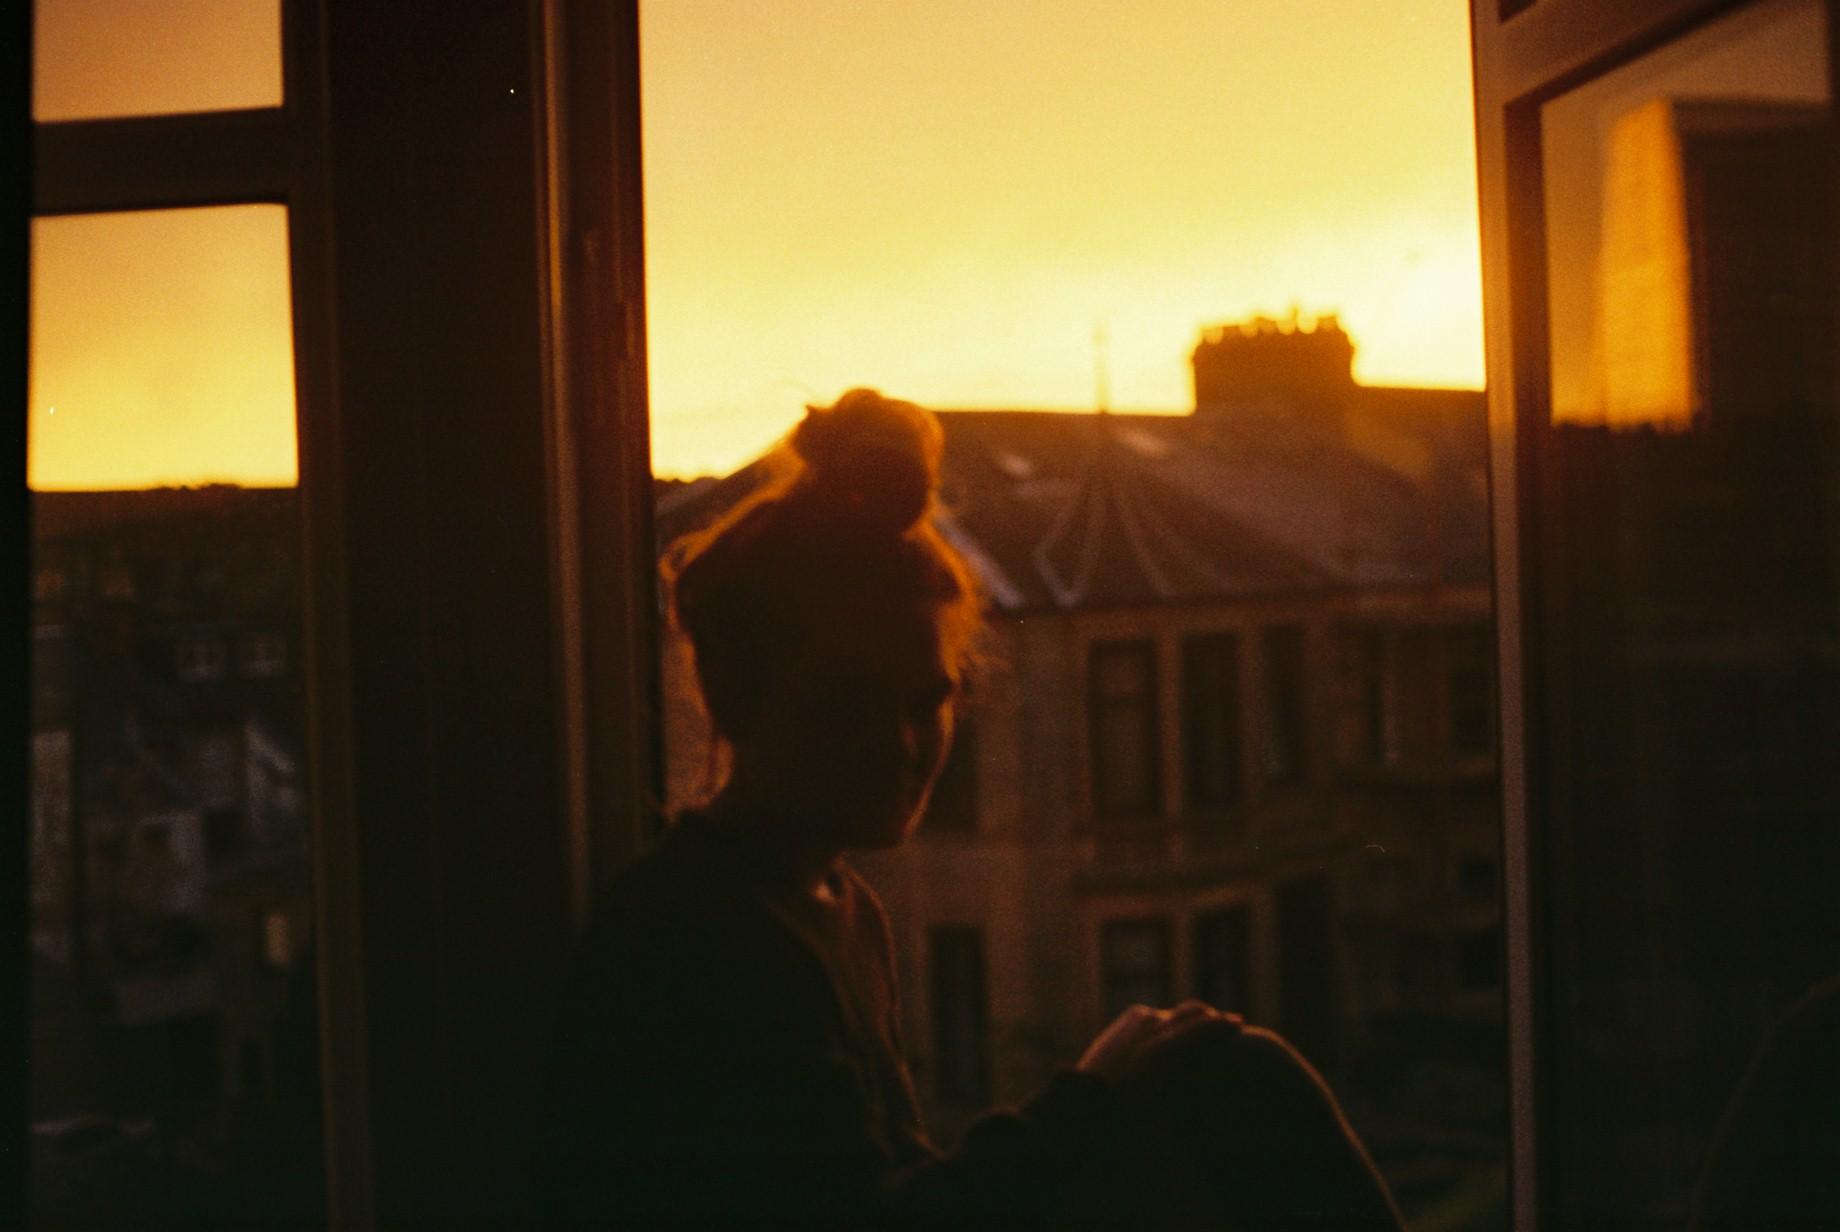 Силуэт девушки на окне фото